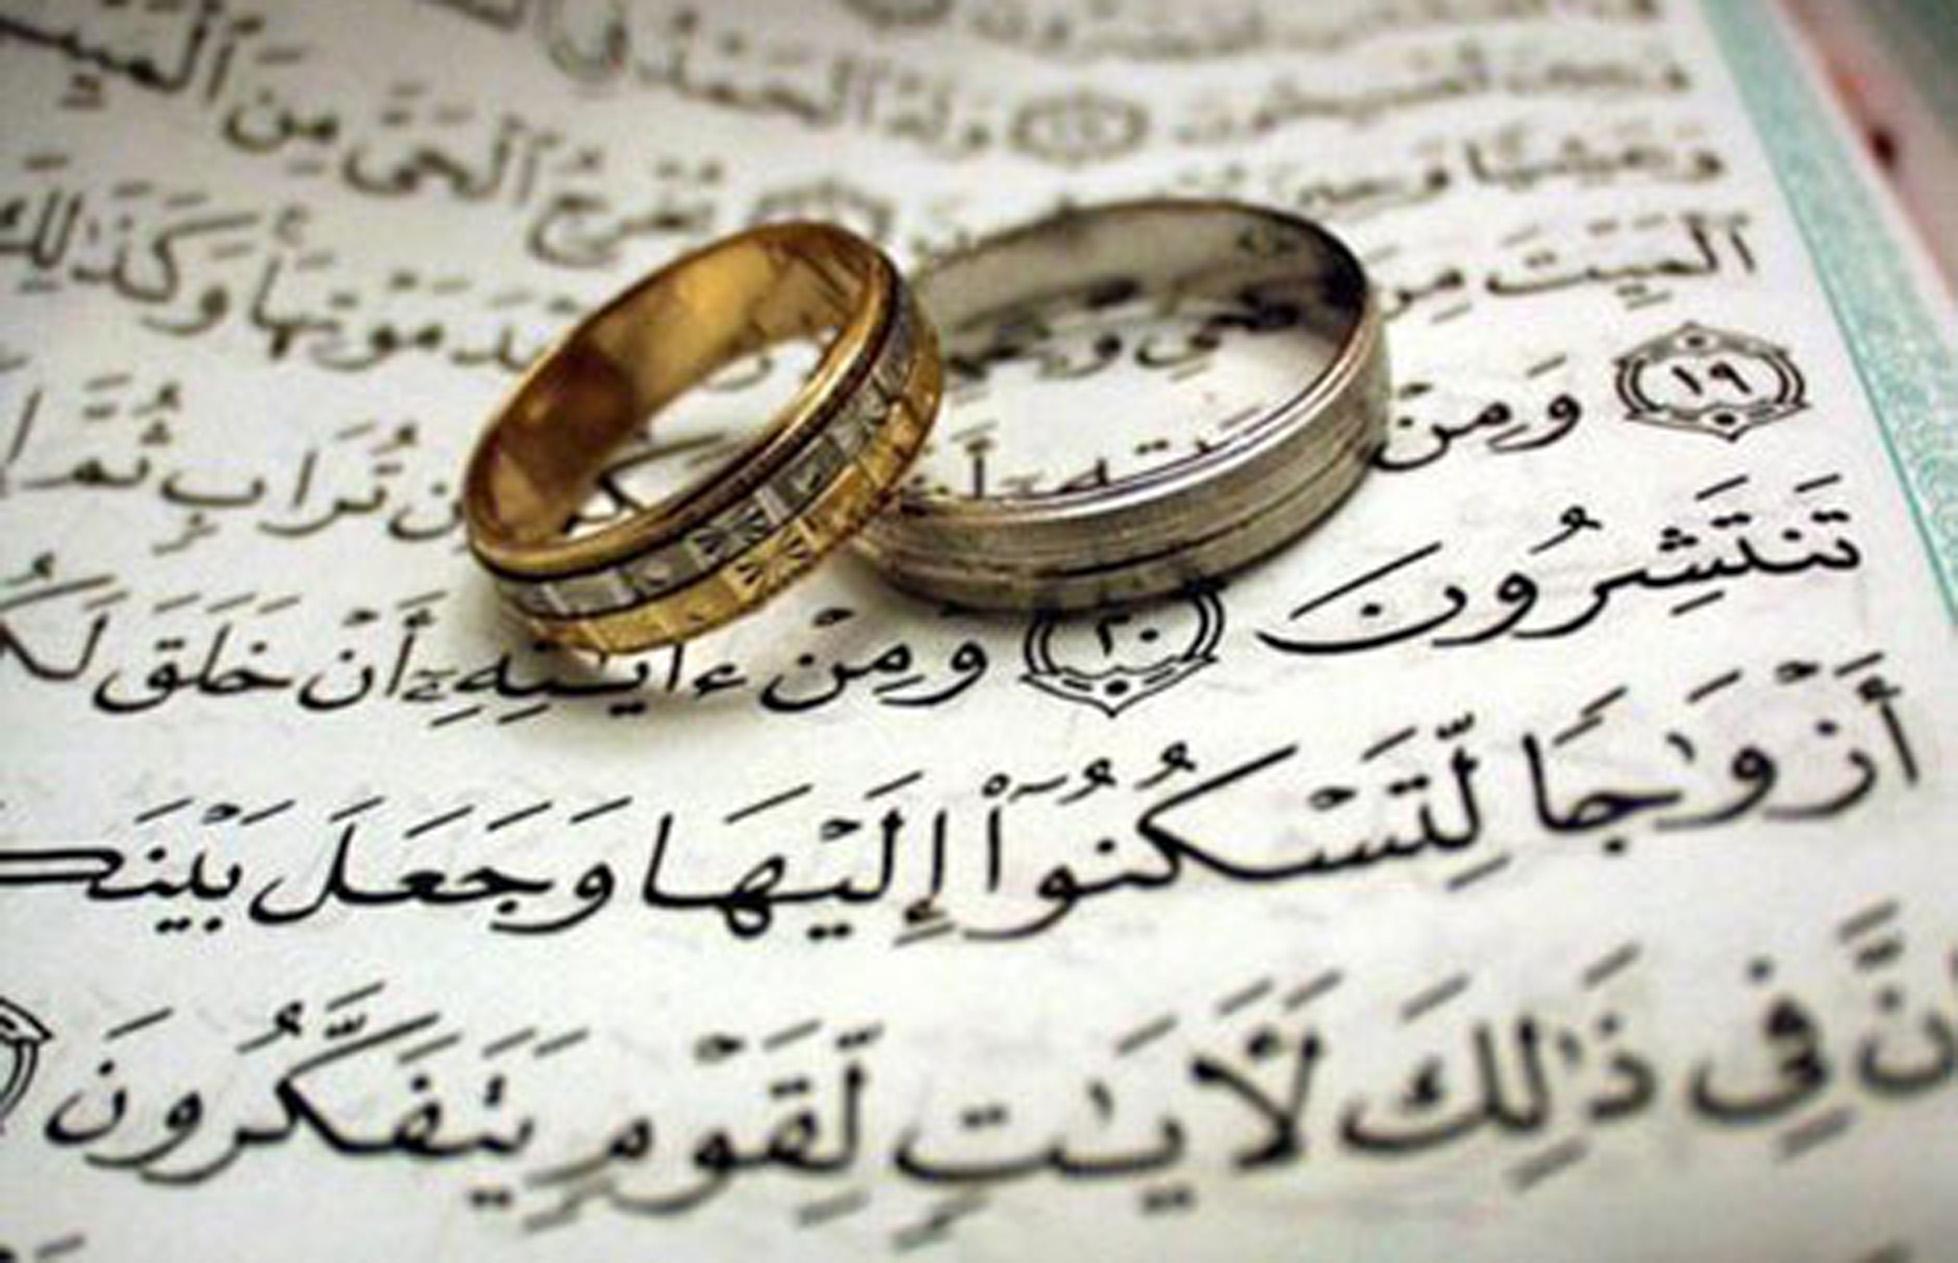 واکنش به شایعه عروسی مجلل پسر یک چهره قرآنی